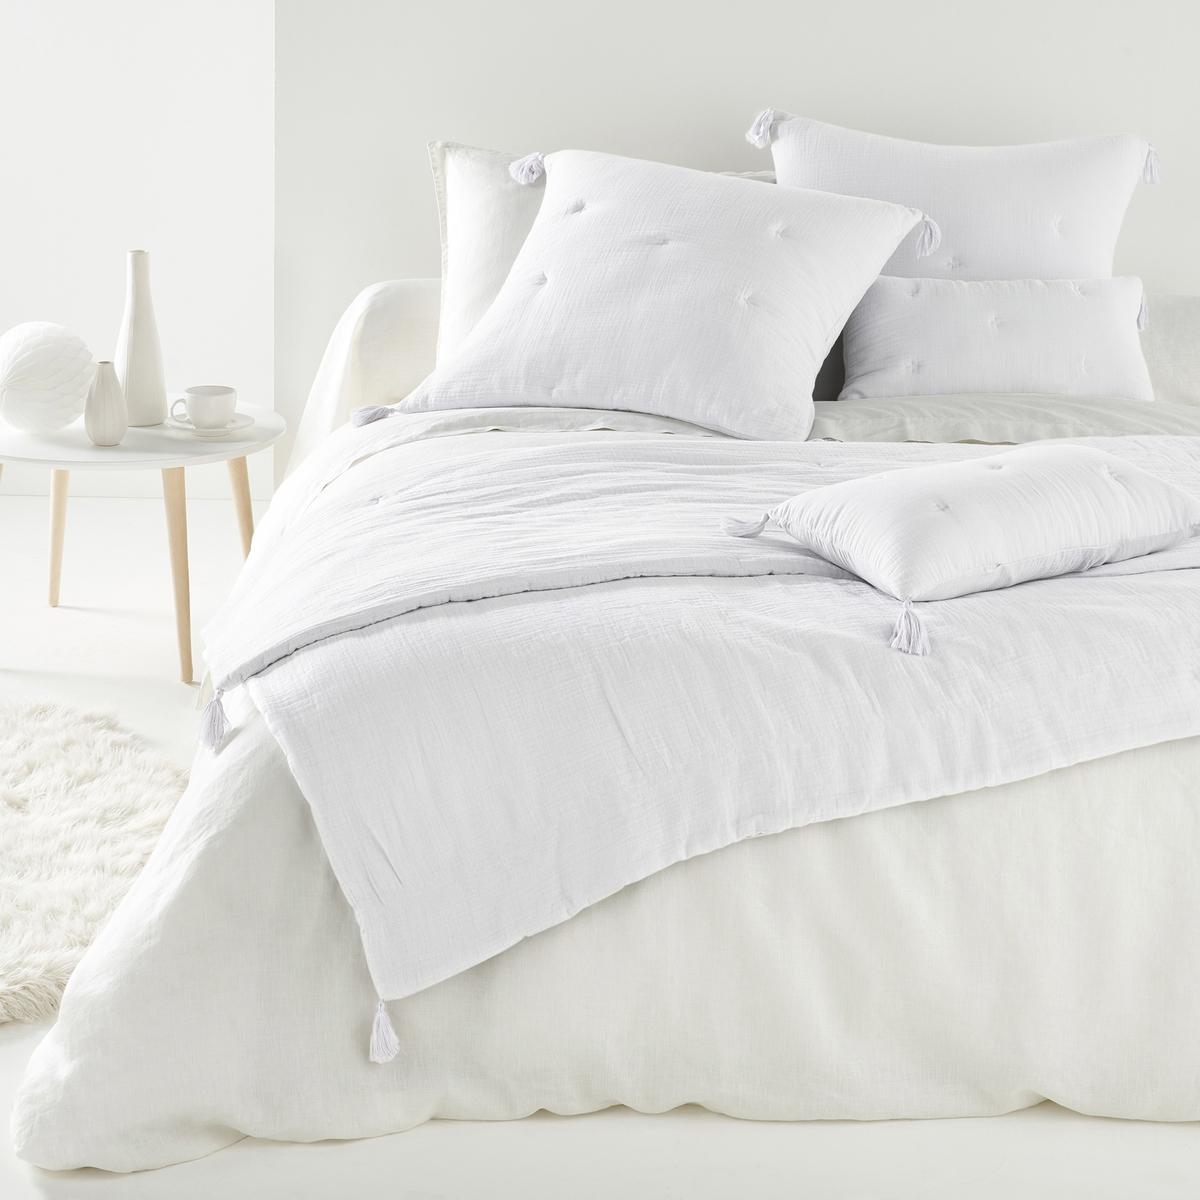 Одеяло однотонное, 100% хлопок, KumlaОднотонное одеяло из 100% хлопка, Kumla. Мягкое одеяло Kumla создаст атмосферу уюта и комфорта в вашей спальне. Характеристики одеяла из 100% хлопка Kumla :Верх из 100% хлопка.Наполнитель из 100% полиэстера (120 г/м?).Отделка вышивкой крестиком в тон.4 помпона по краям одеяла.Стирка при 30°.Соответствующий чехол для подушки и другую текстильную продукцию вы найдете на сайте laredoute.ruРазмер на выбор :90 x 190 см150 x 150 см<br><br>Цвет: белый,розовый,серый жемчужный